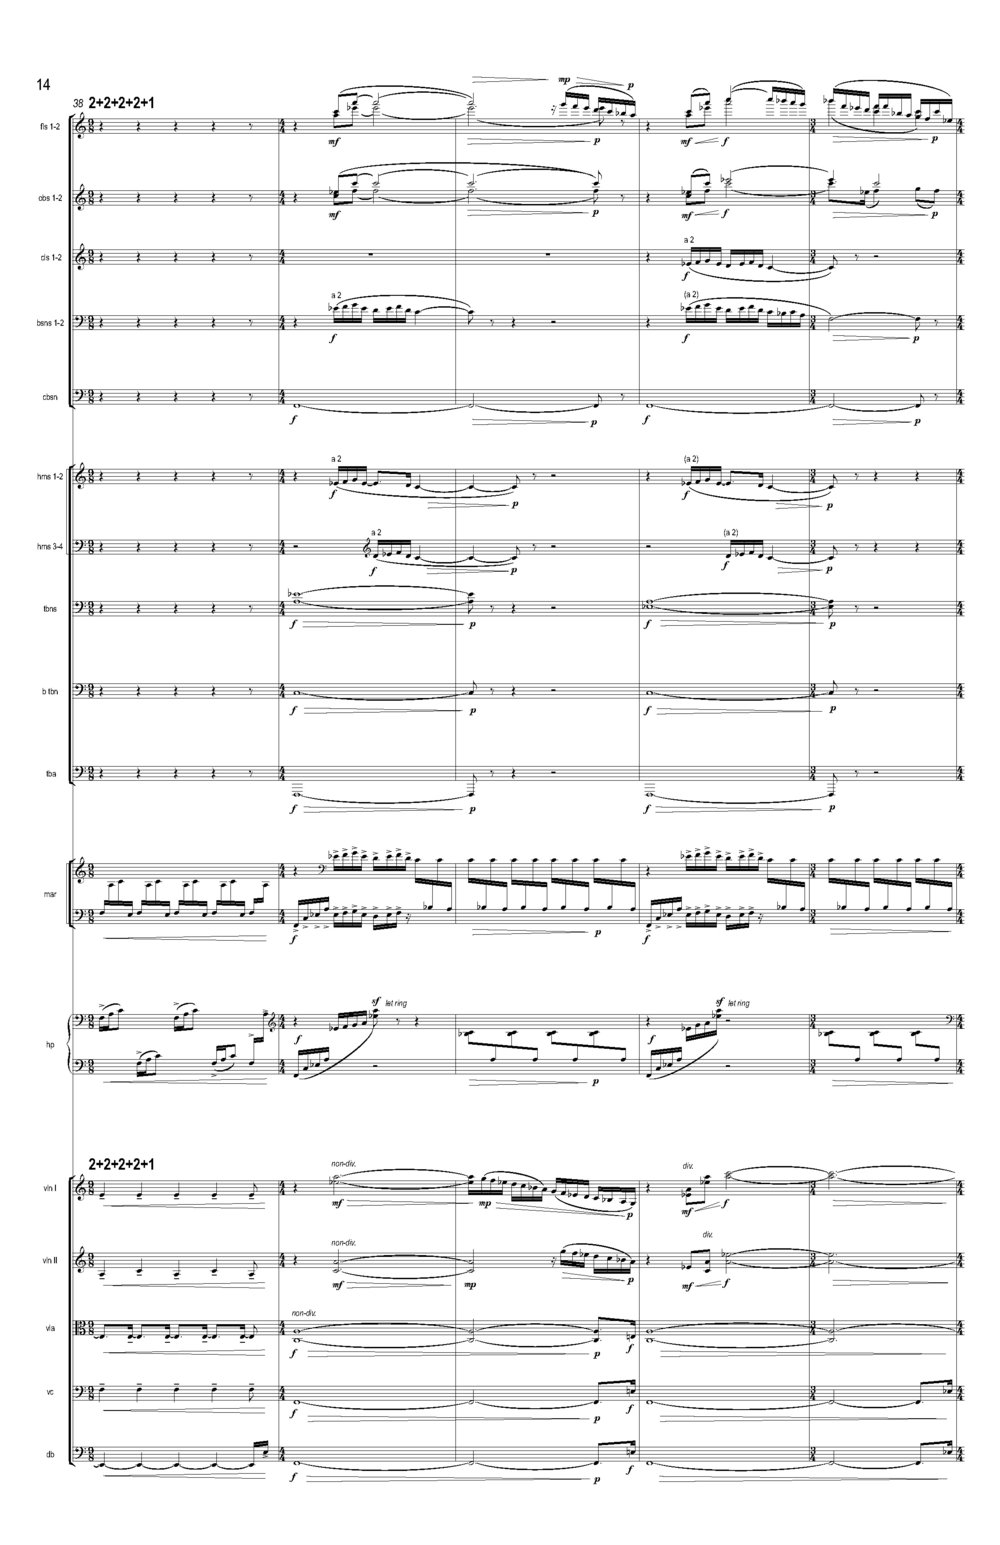 Ciach_Collective Uncommon REVISED_Full Score (Feb 2017)_Seite_20.jpg